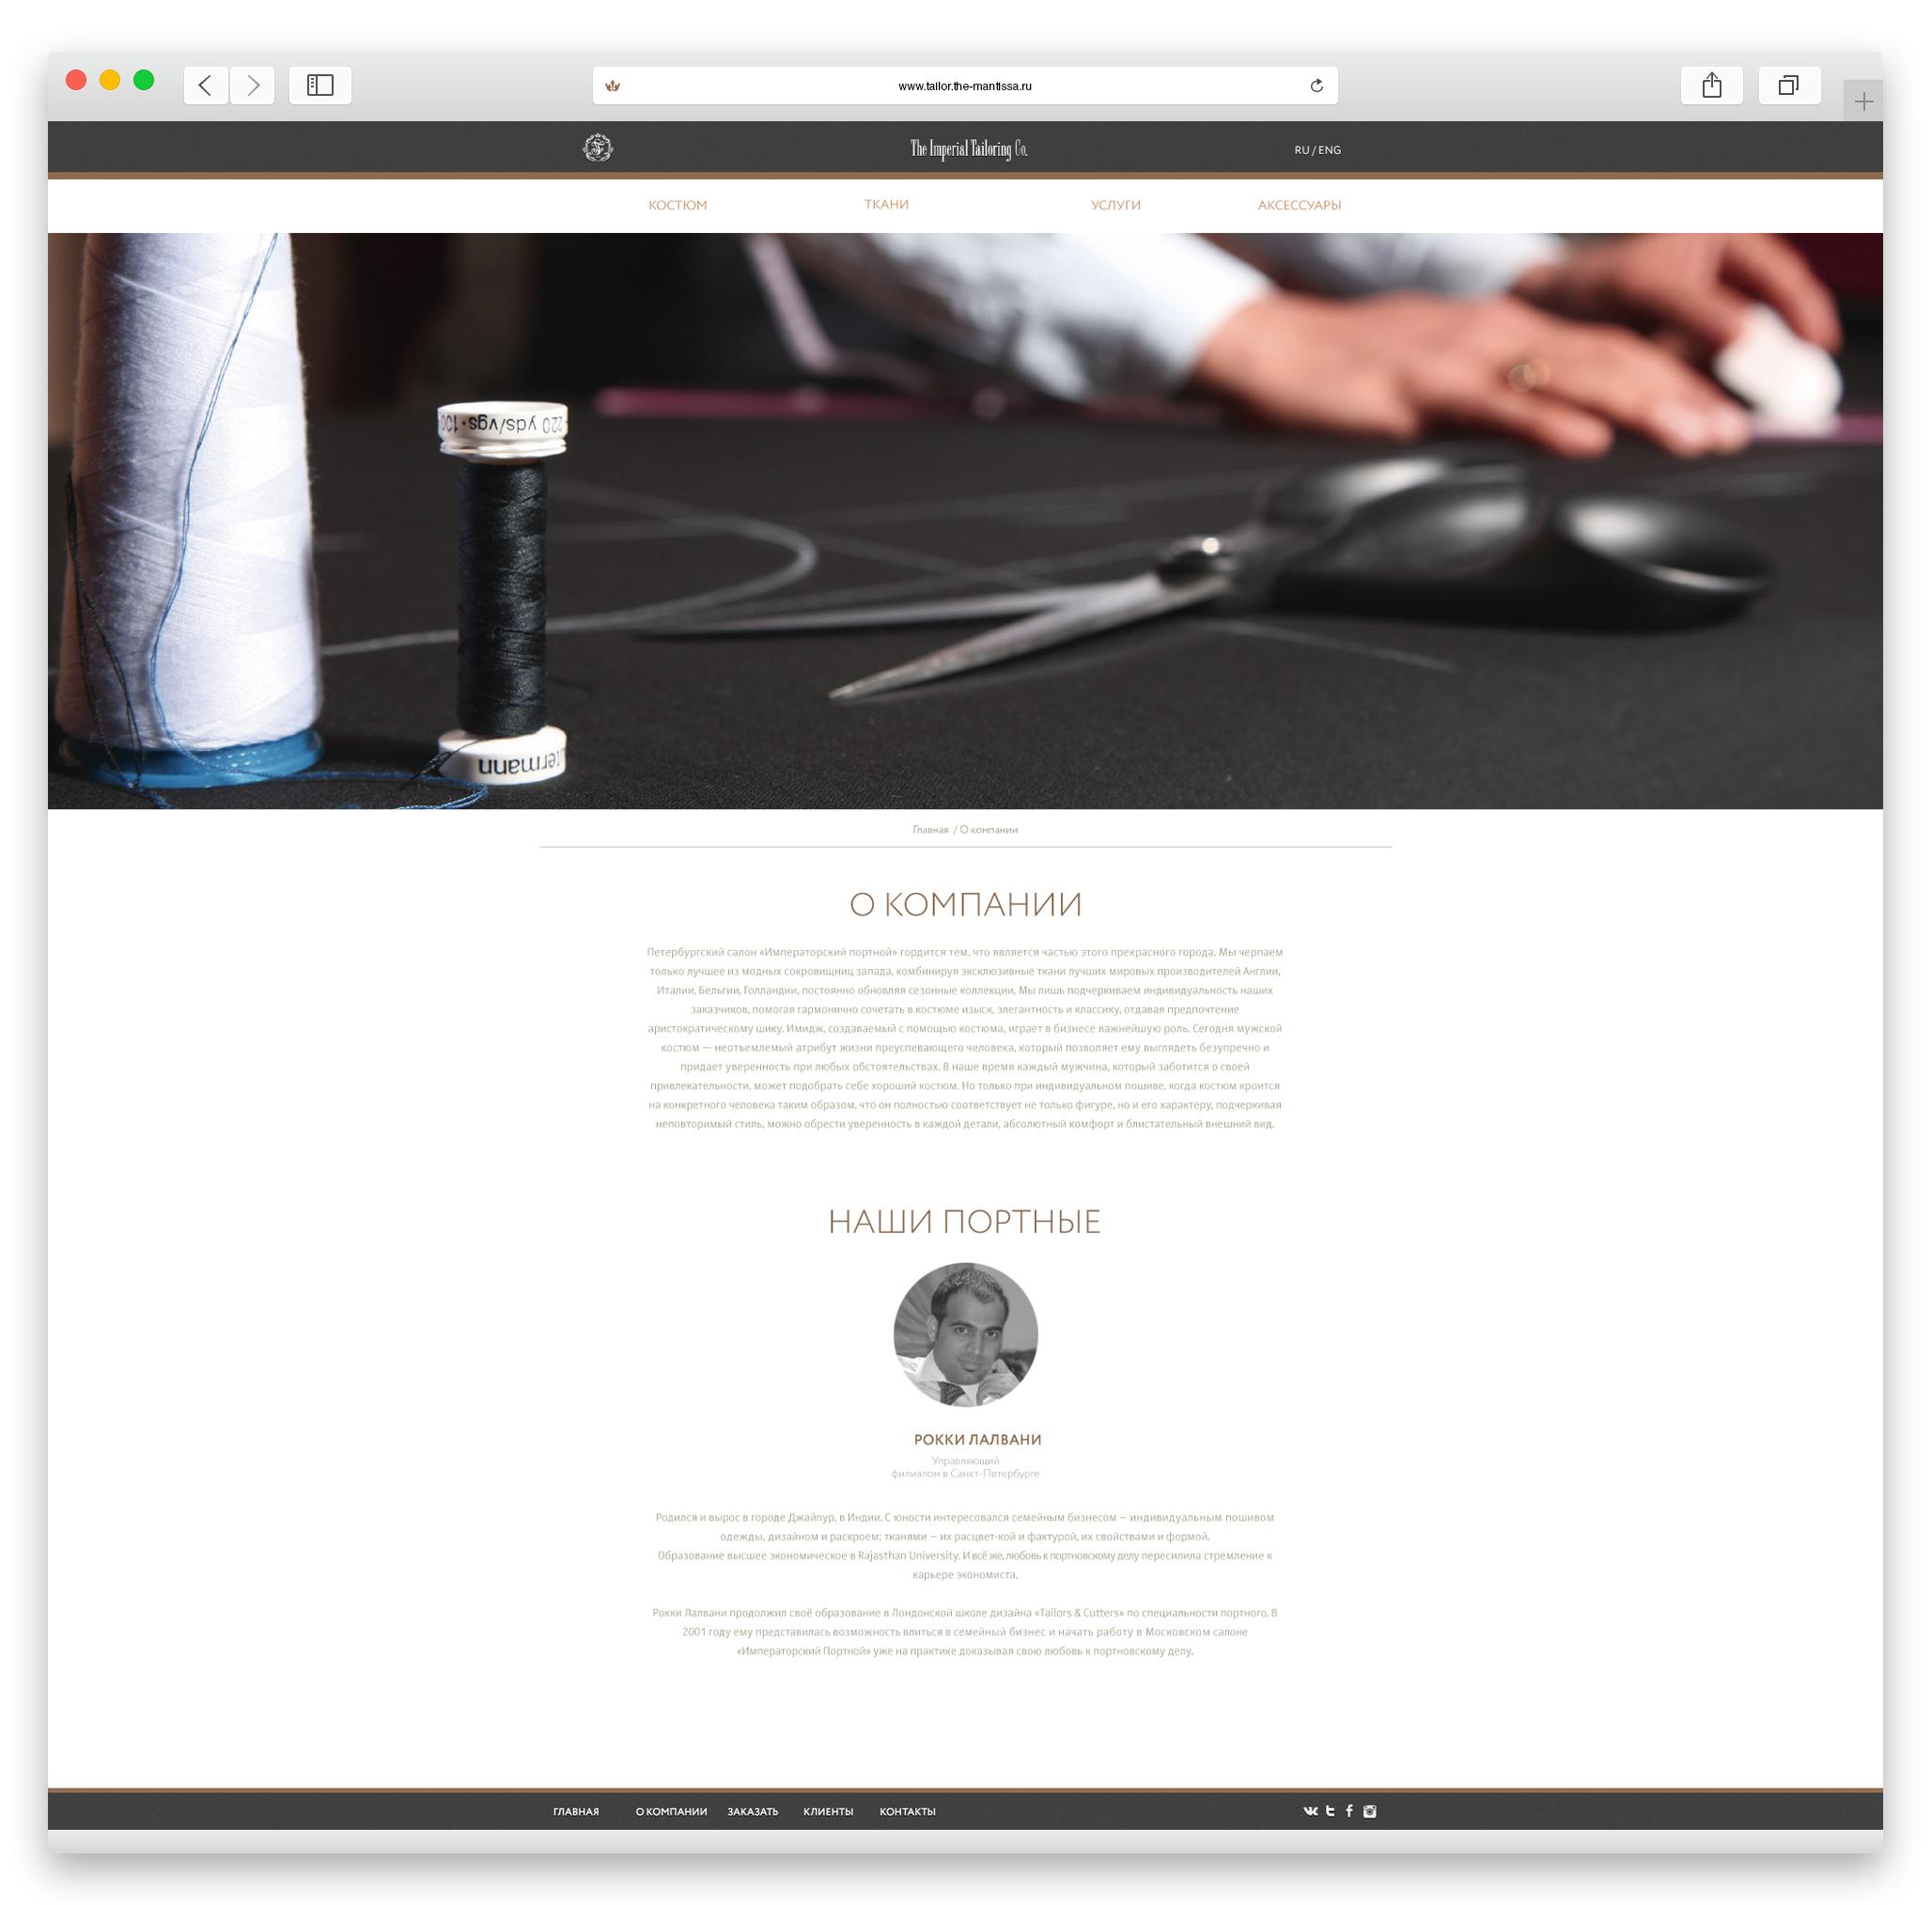 Сайт Императорского Портного. О компании